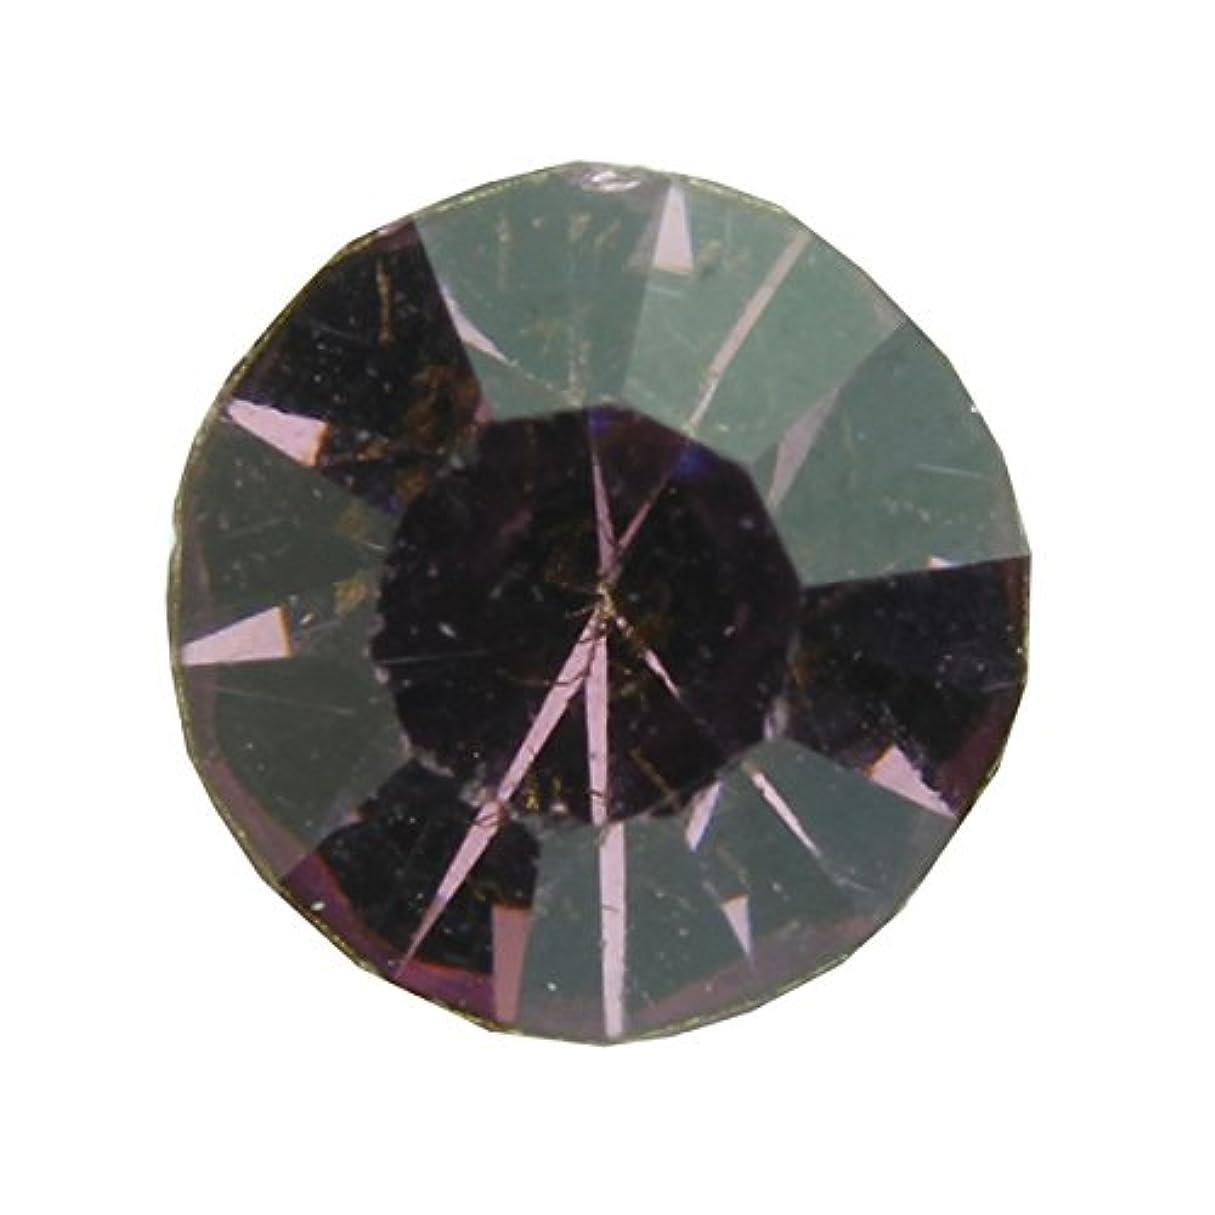 息苦しいカバー王朝アクリルストーンVカット ss12(約3.0mm)(30個入り) アメジスト